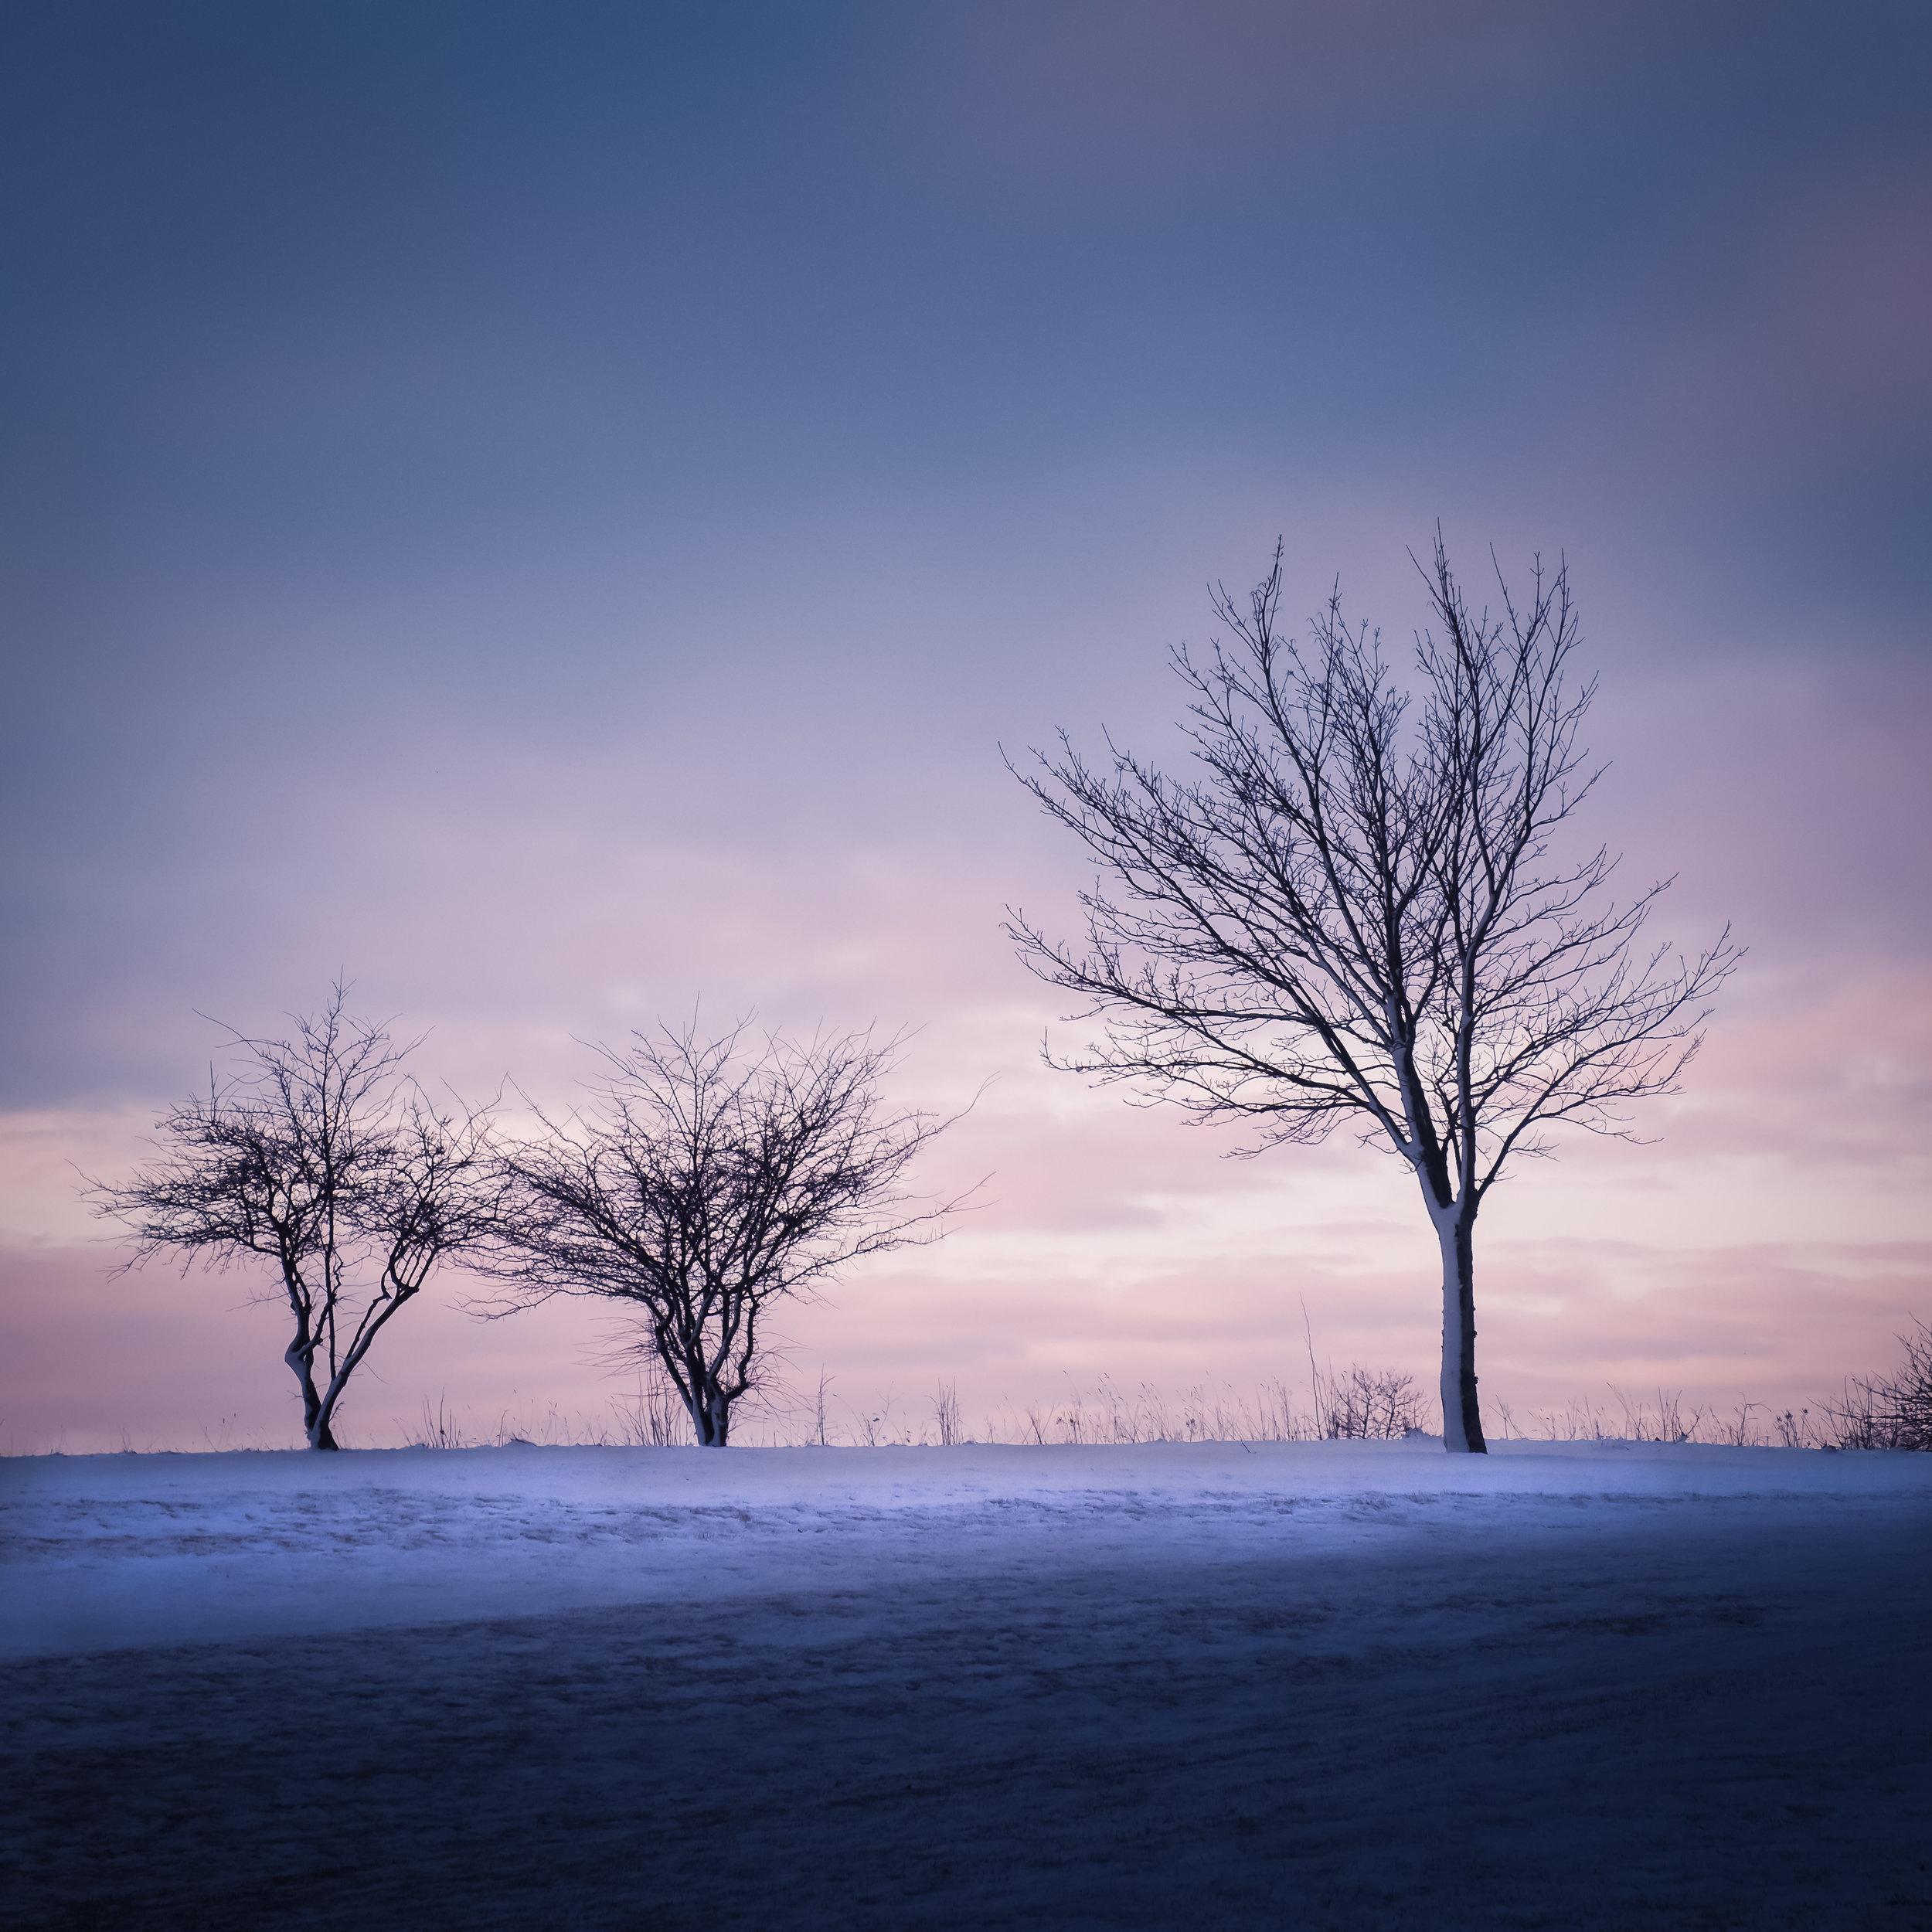 osterlen gk winter 12.jpg